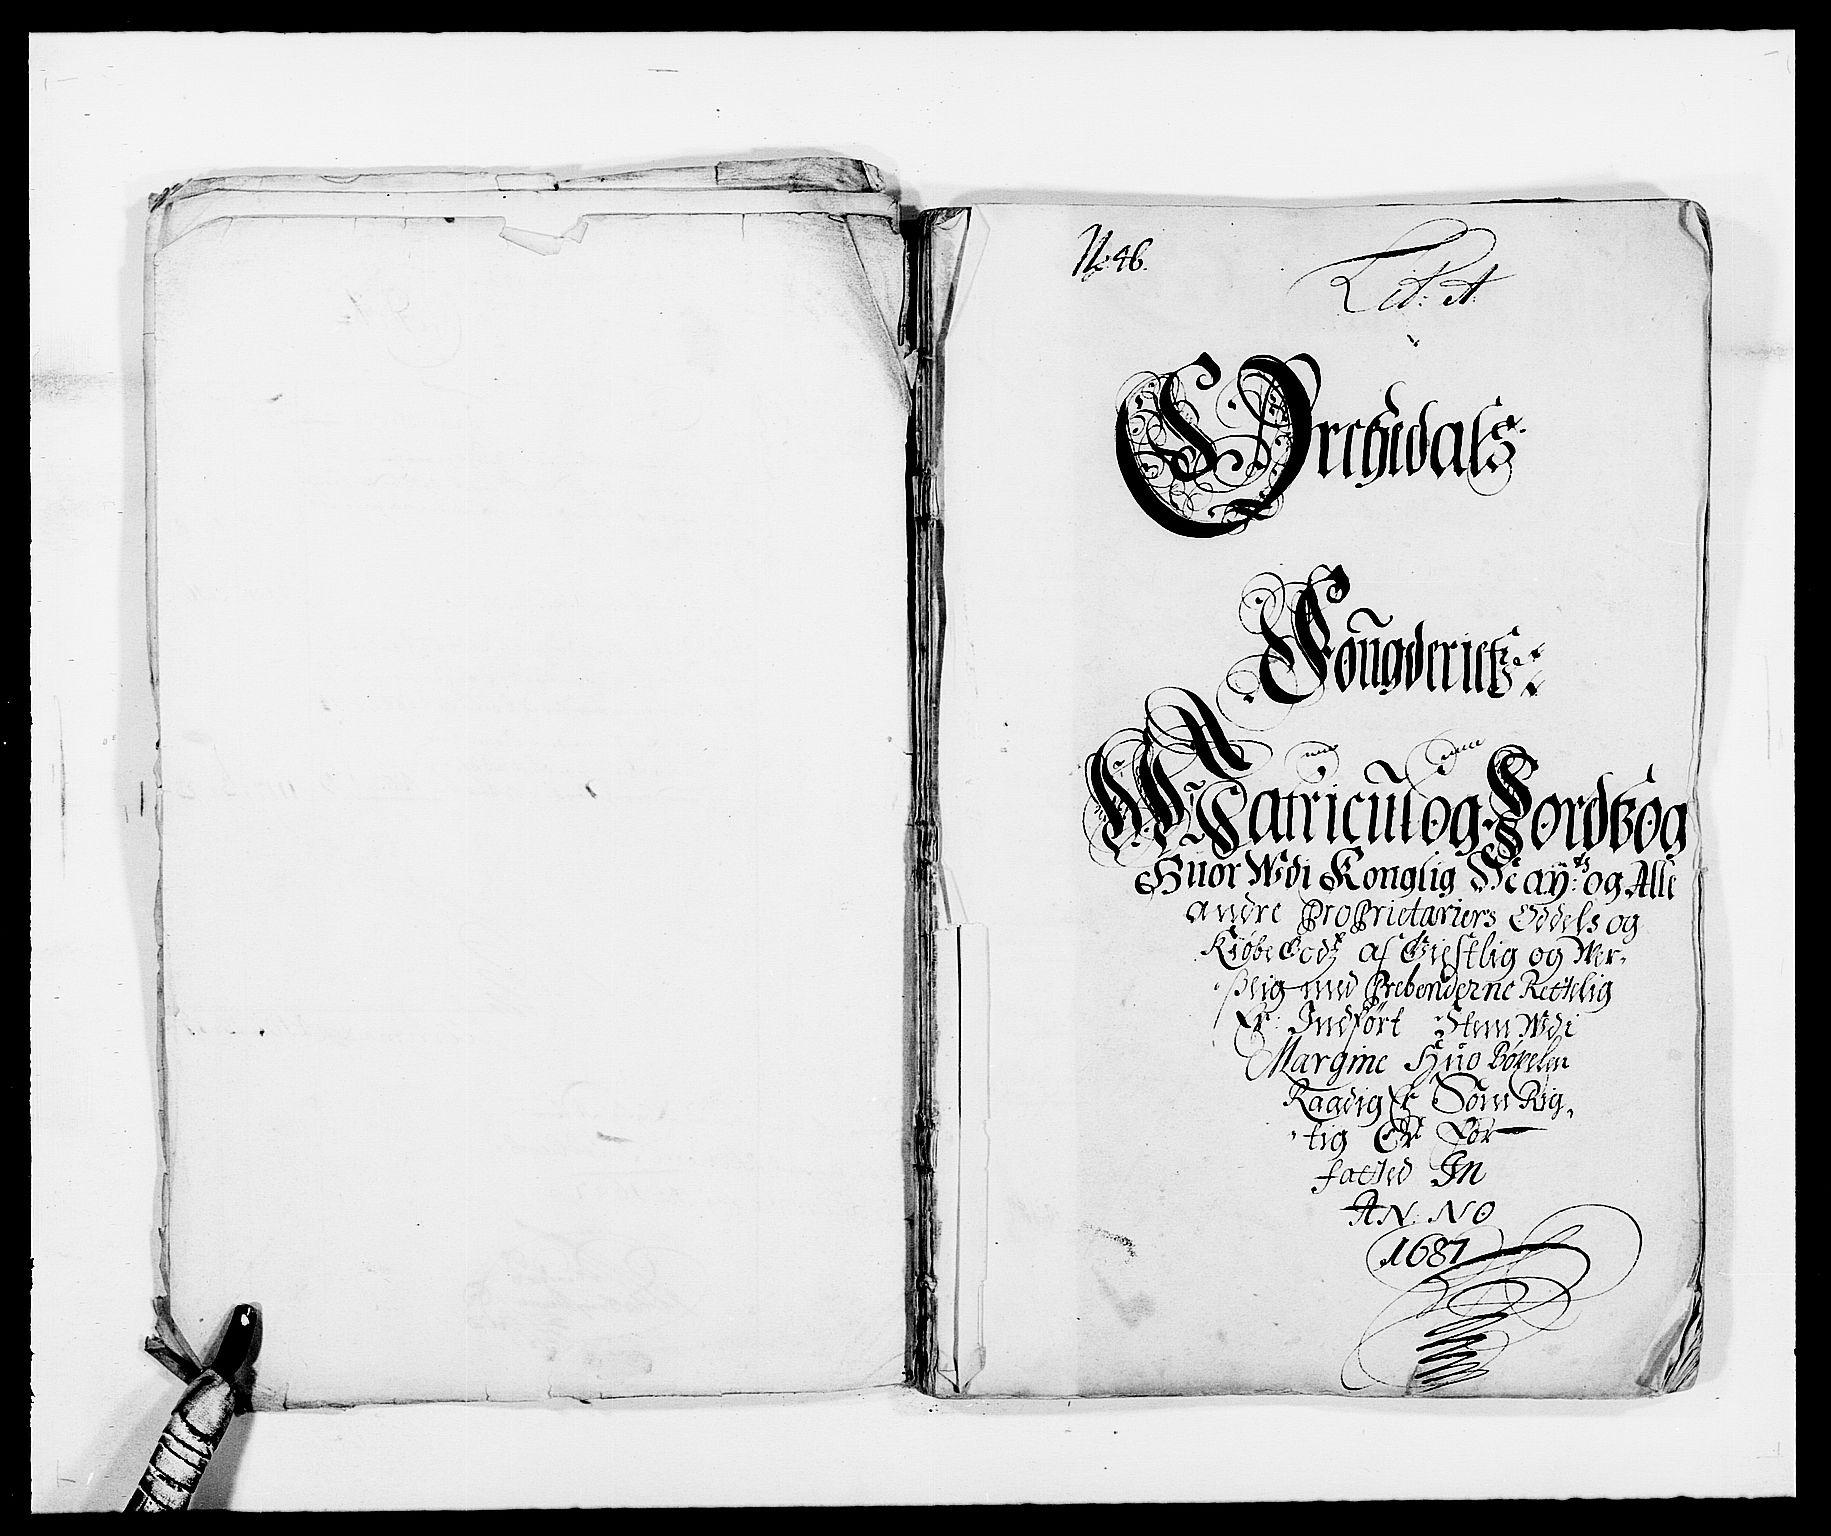 RA, Rentekammeret inntil 1814, Reviderte regnskaper, Fogderegnskap, R58/L3935: Fogderegnskap Orkdal, 1687-1688, s. 10